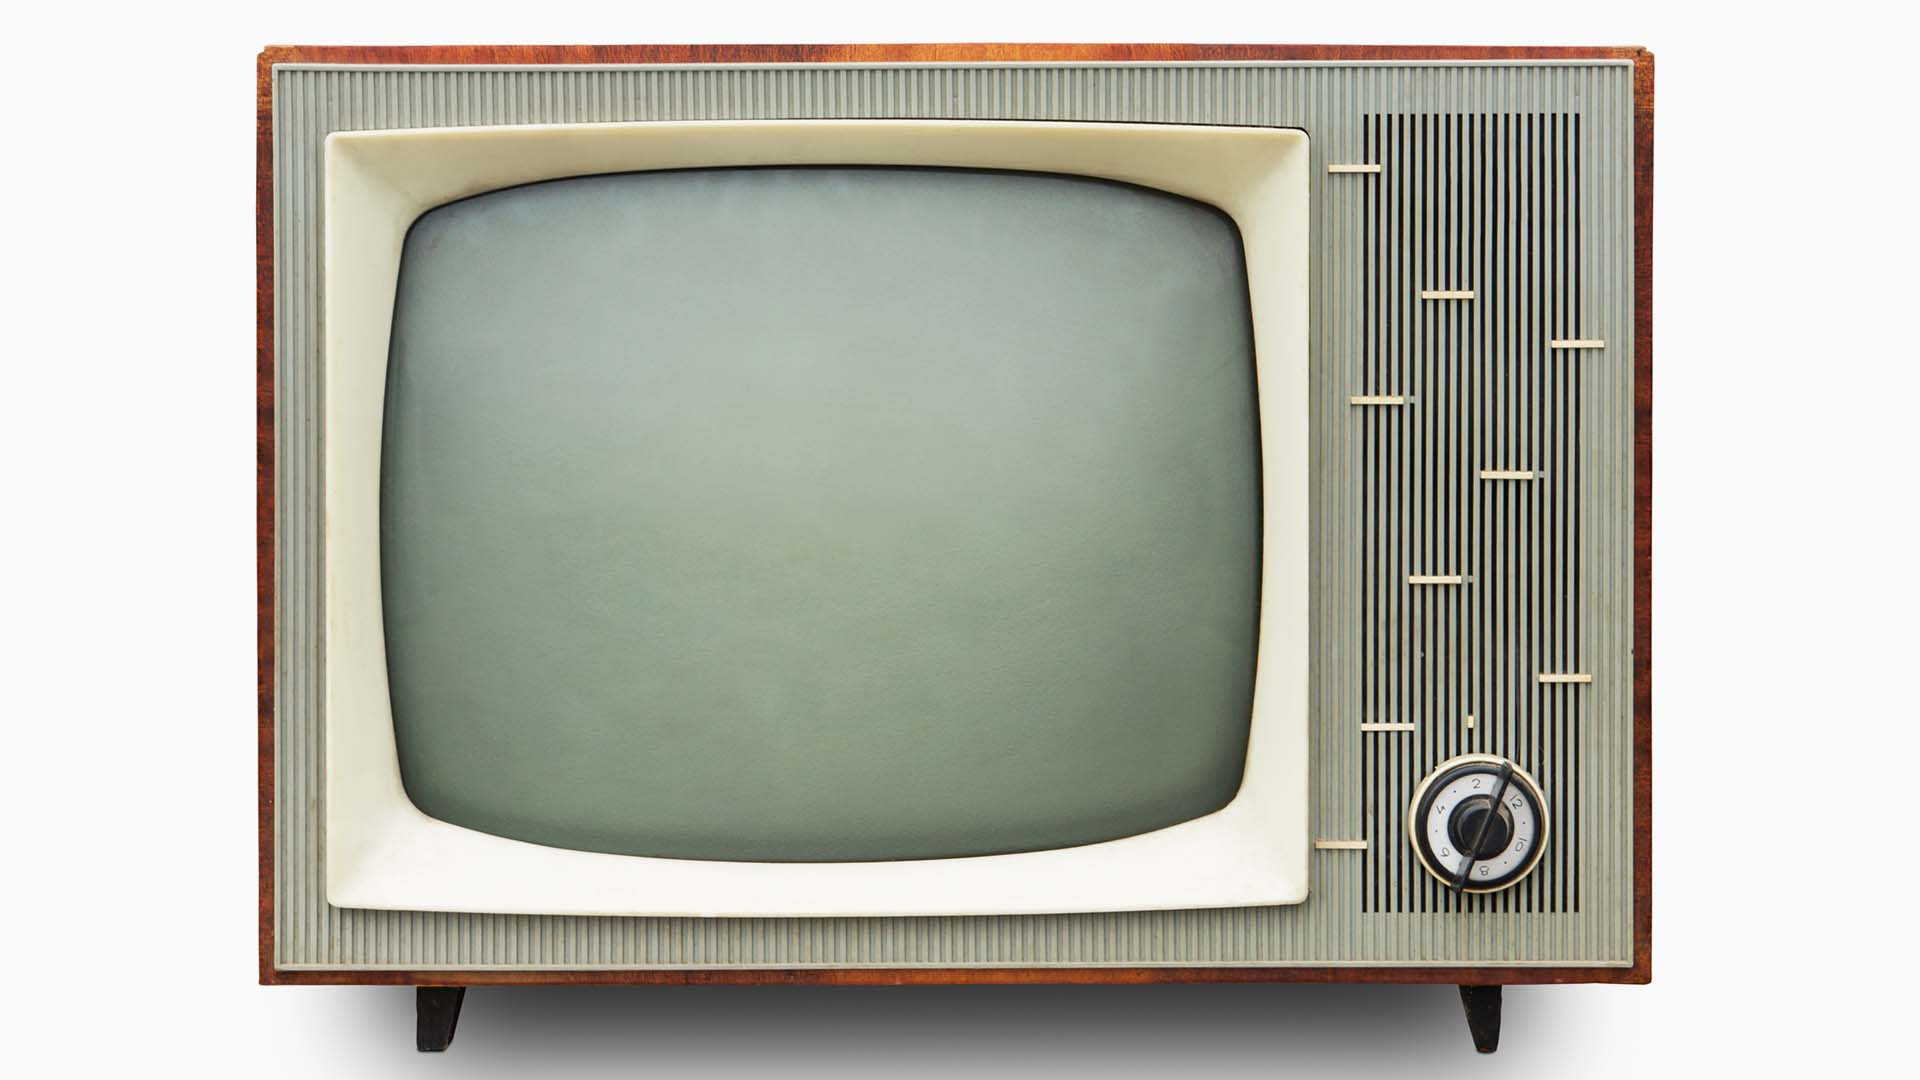 Svjetski Dan Televizije obilježimo ga gledanjem